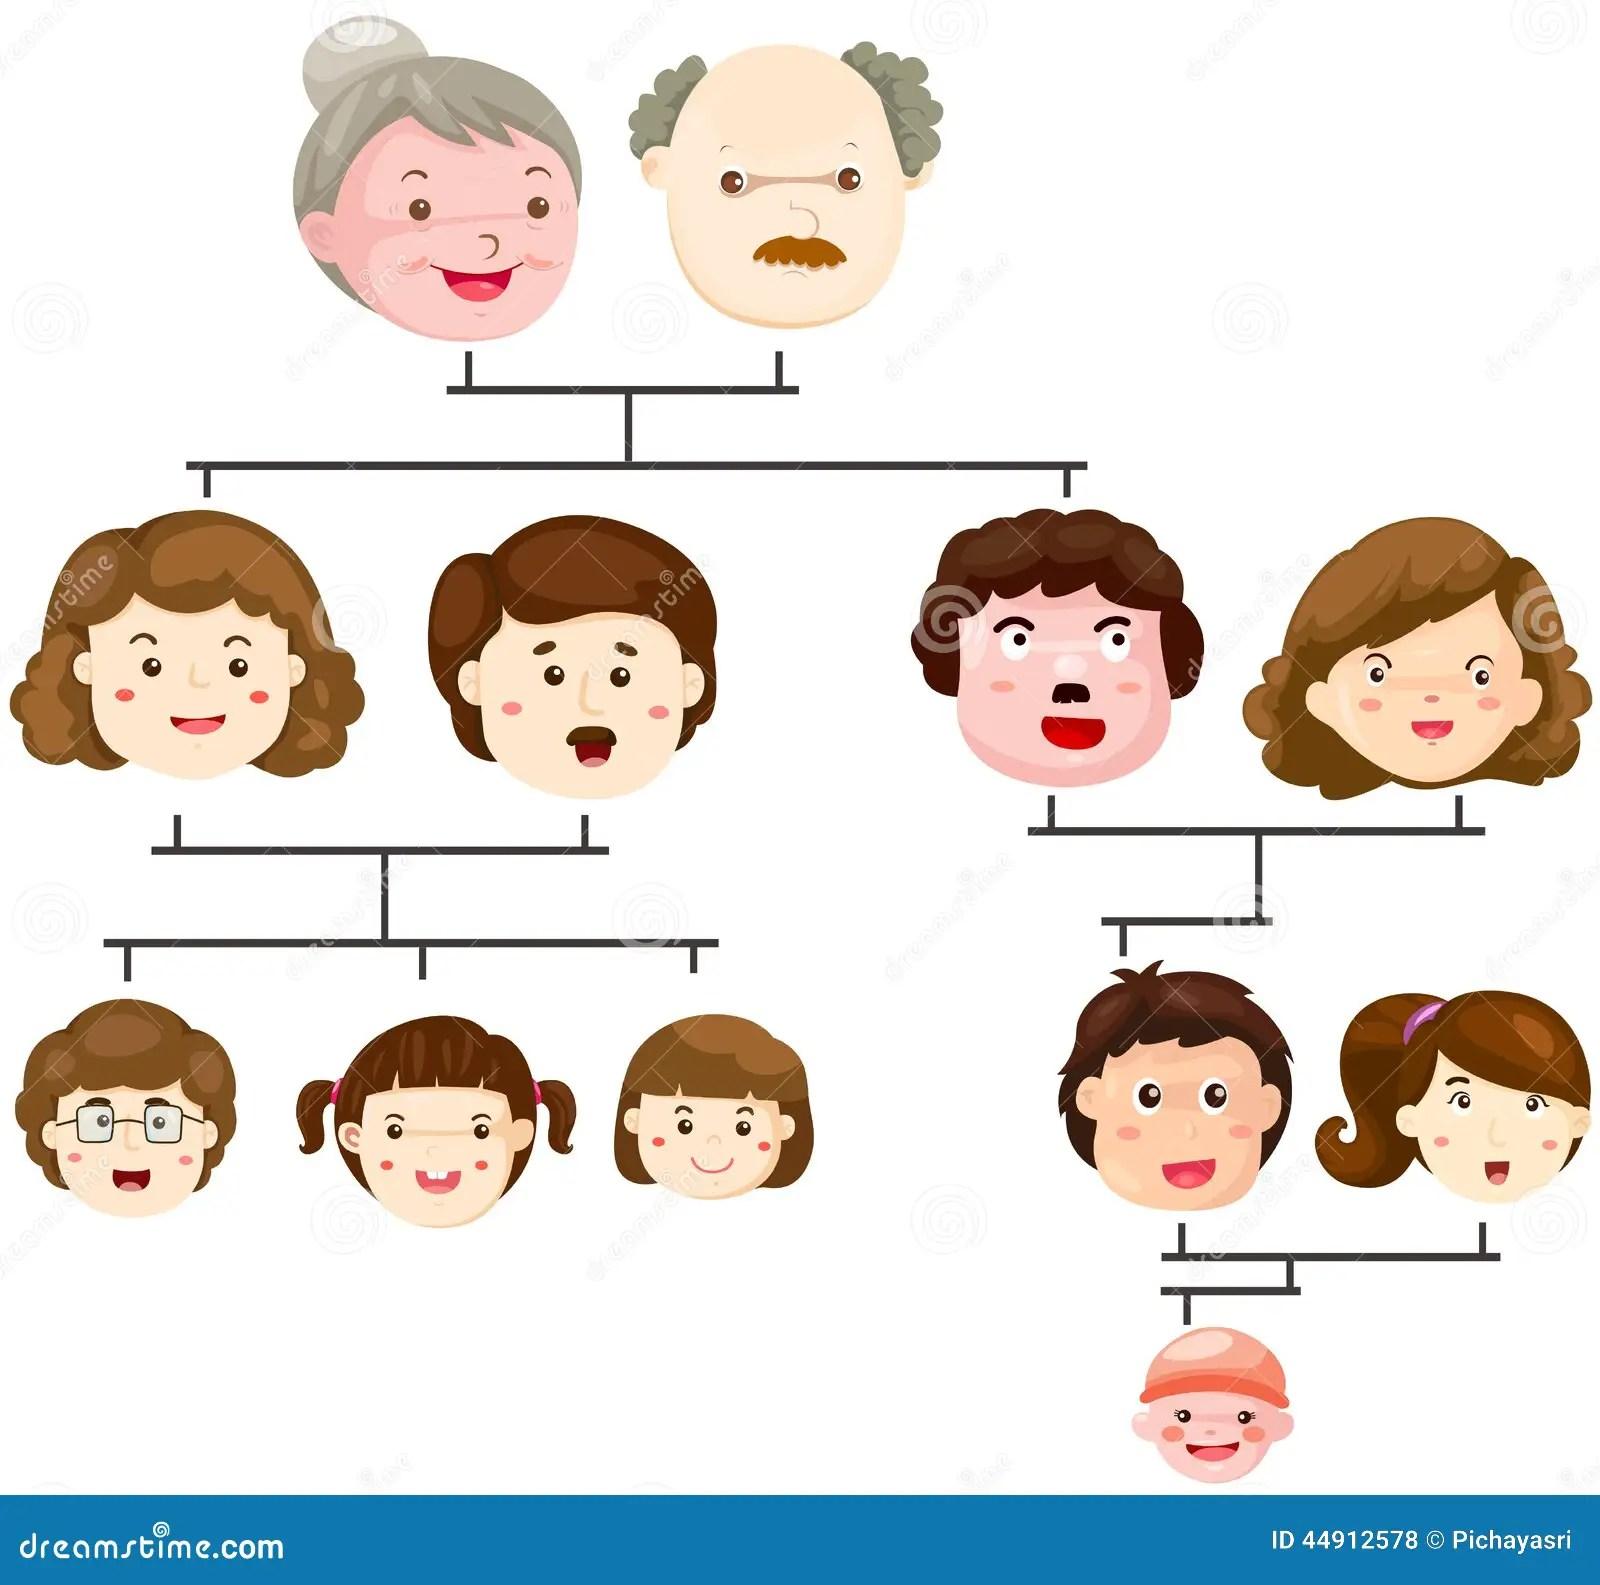 Cartoon Family Tree Stock Vector